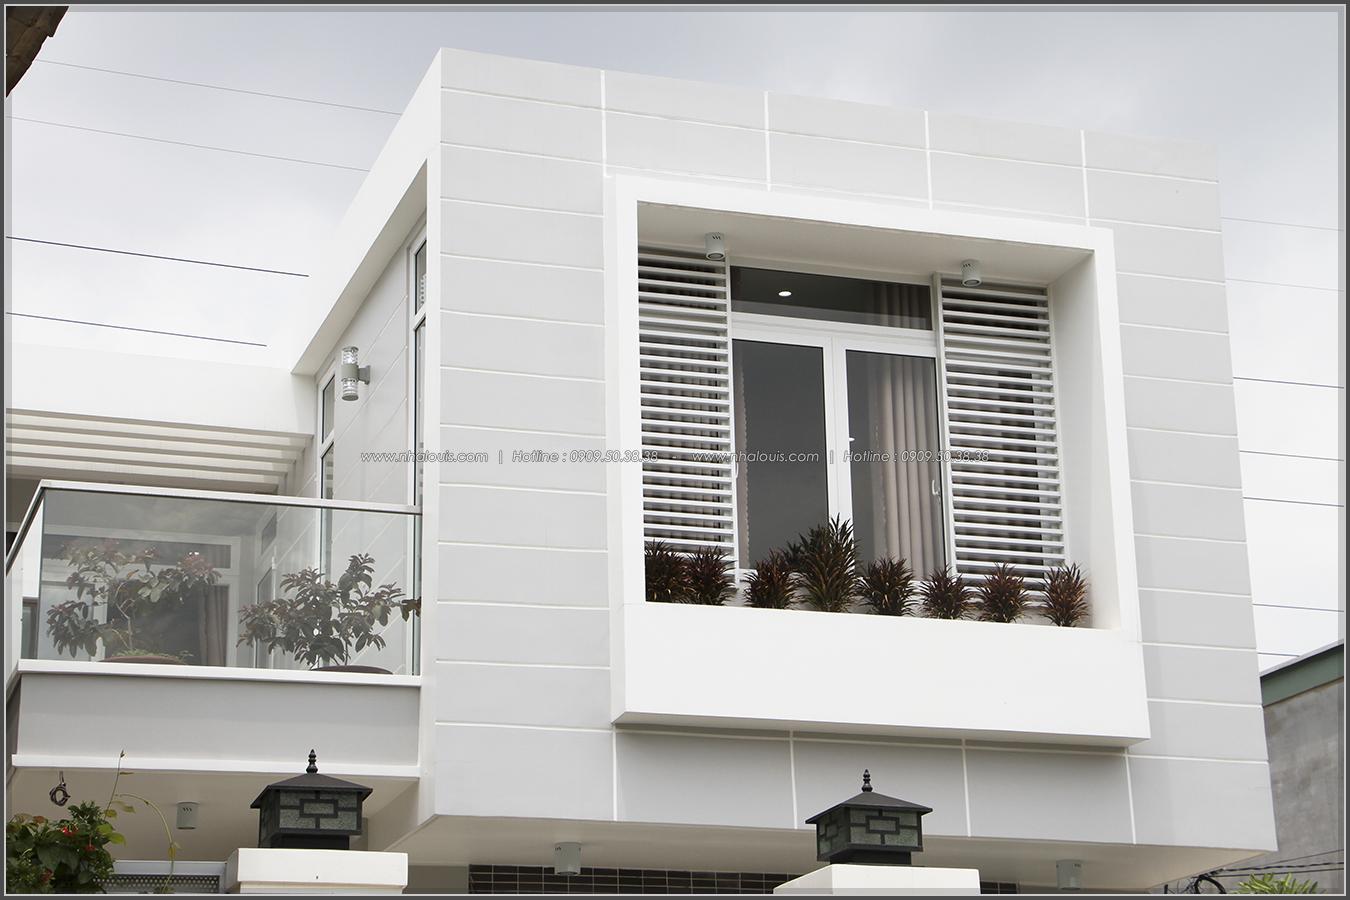 Thi công xây dựng nhà phố 1 trệt 1 lầu quận Bình Tân - 06